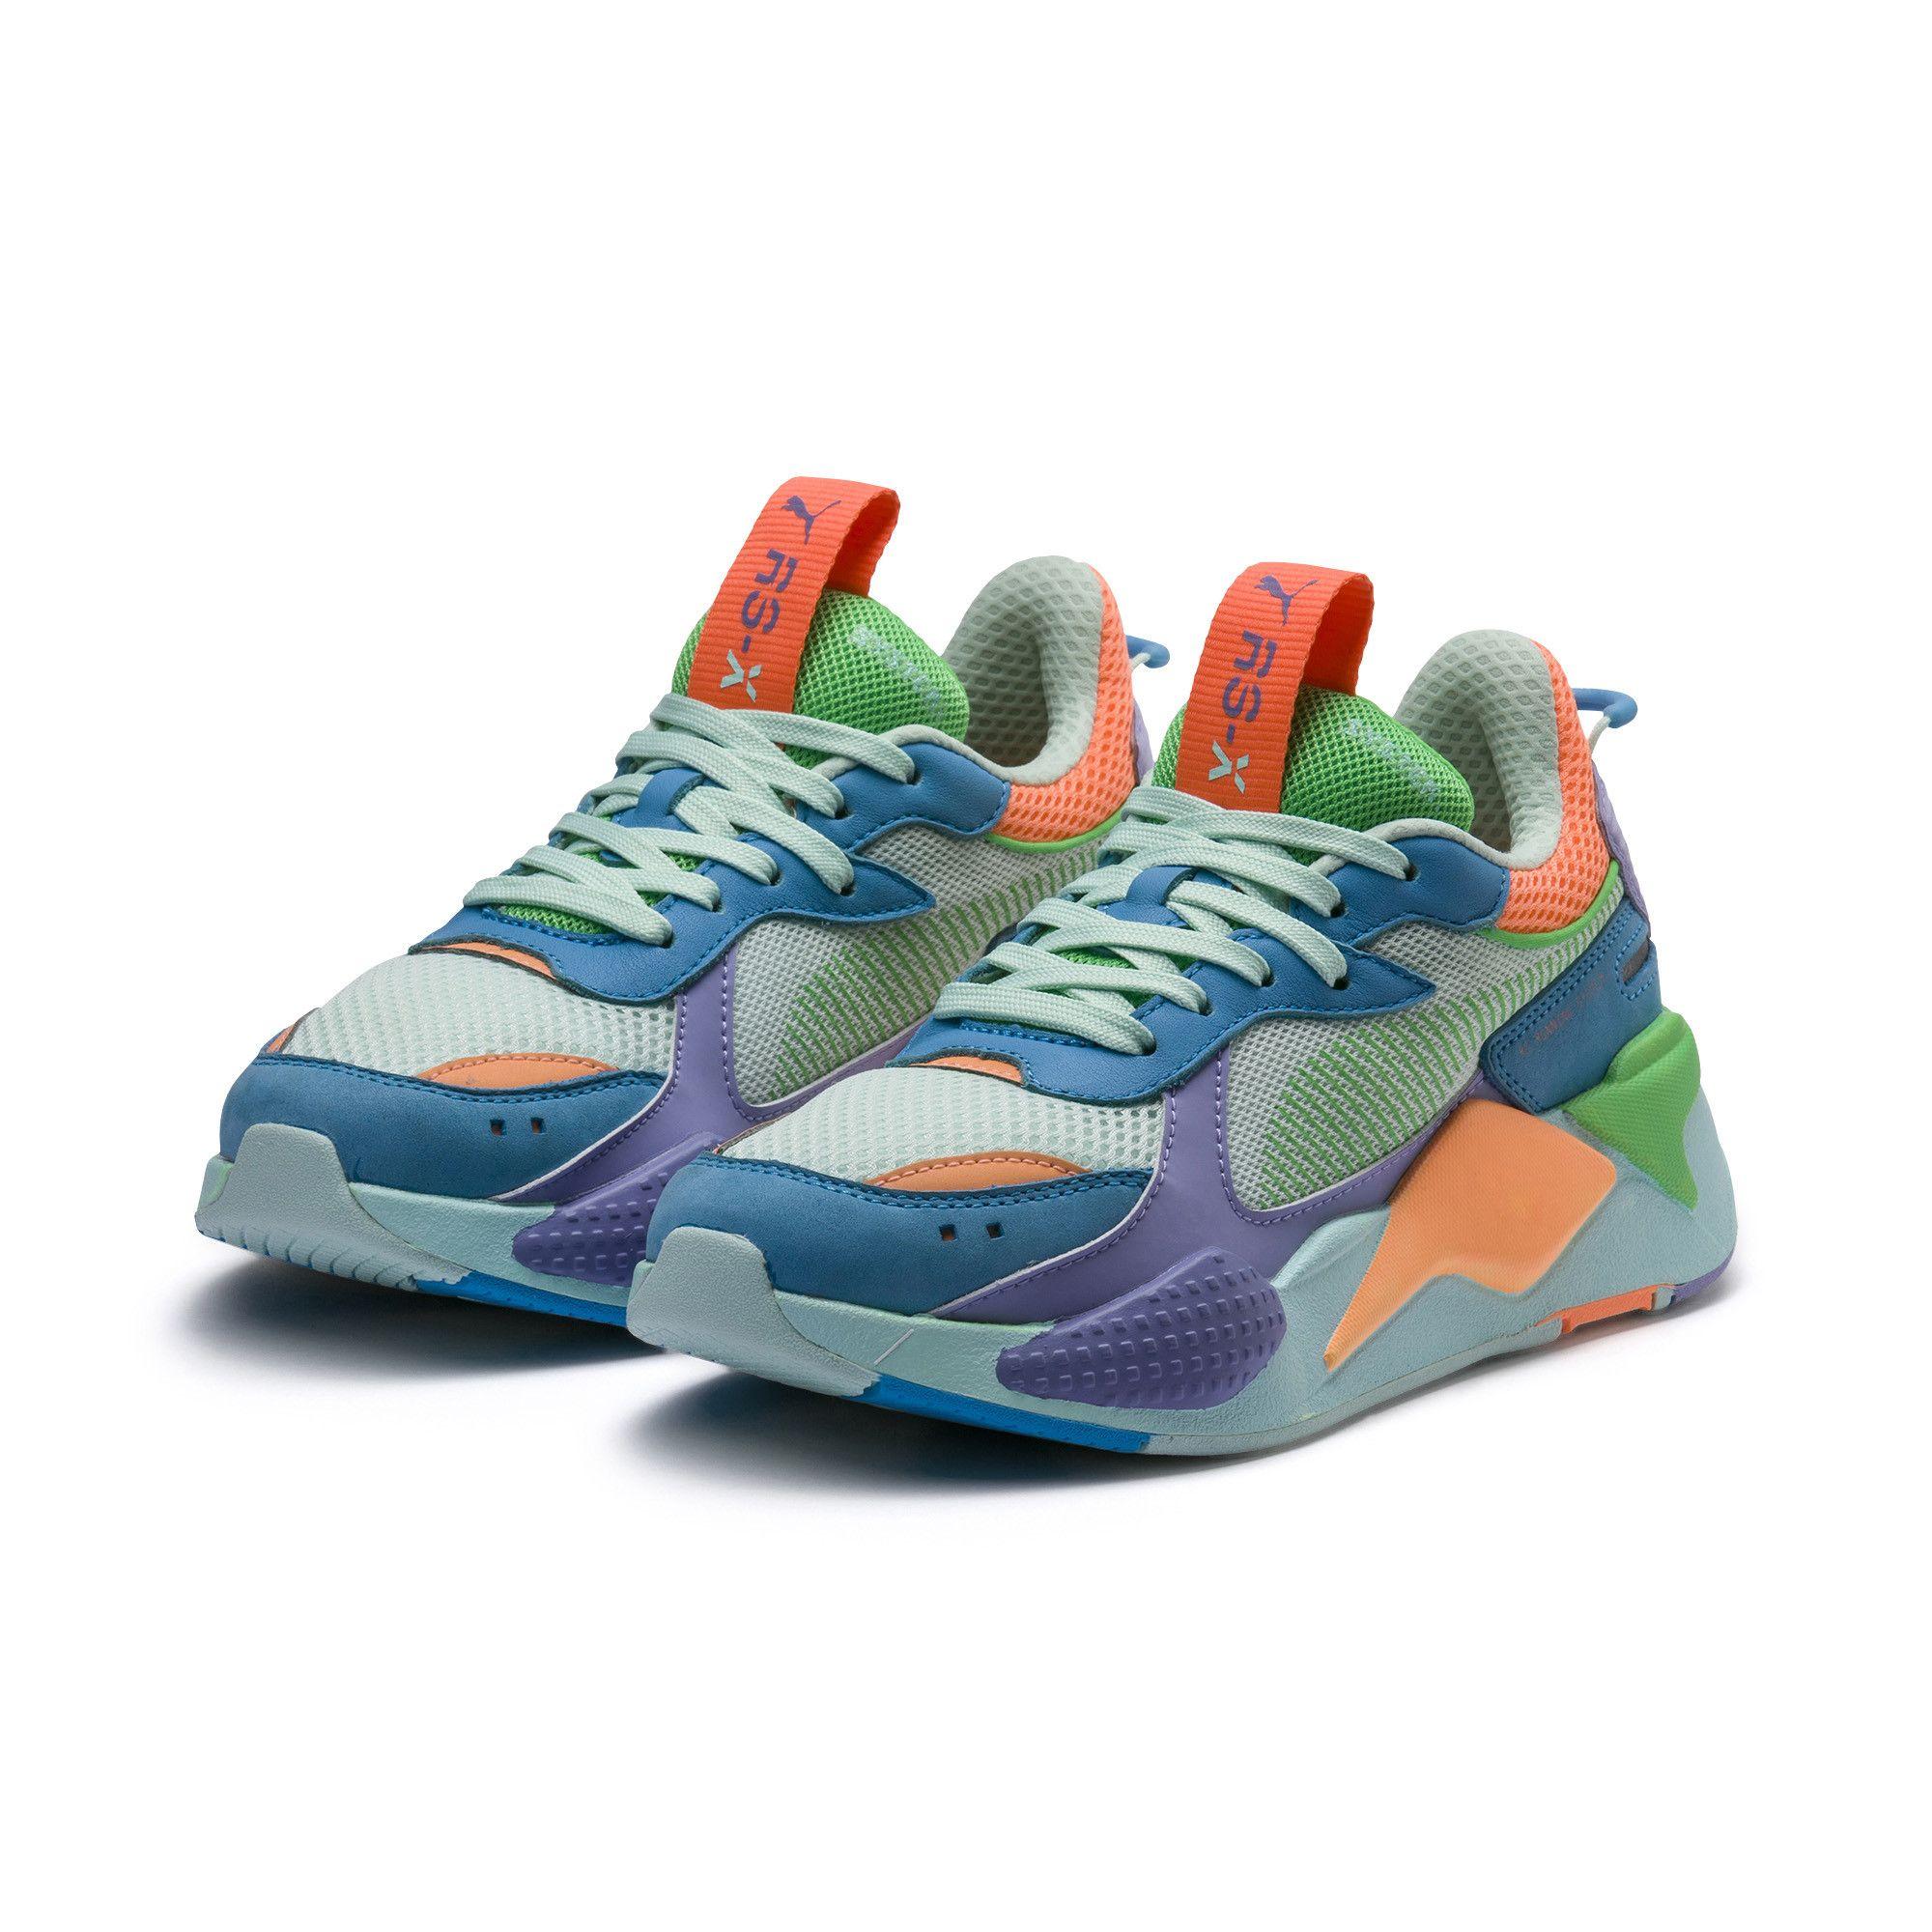 RS X Toys Sneaker (con imágenes)   Zapato deportivo de mujer